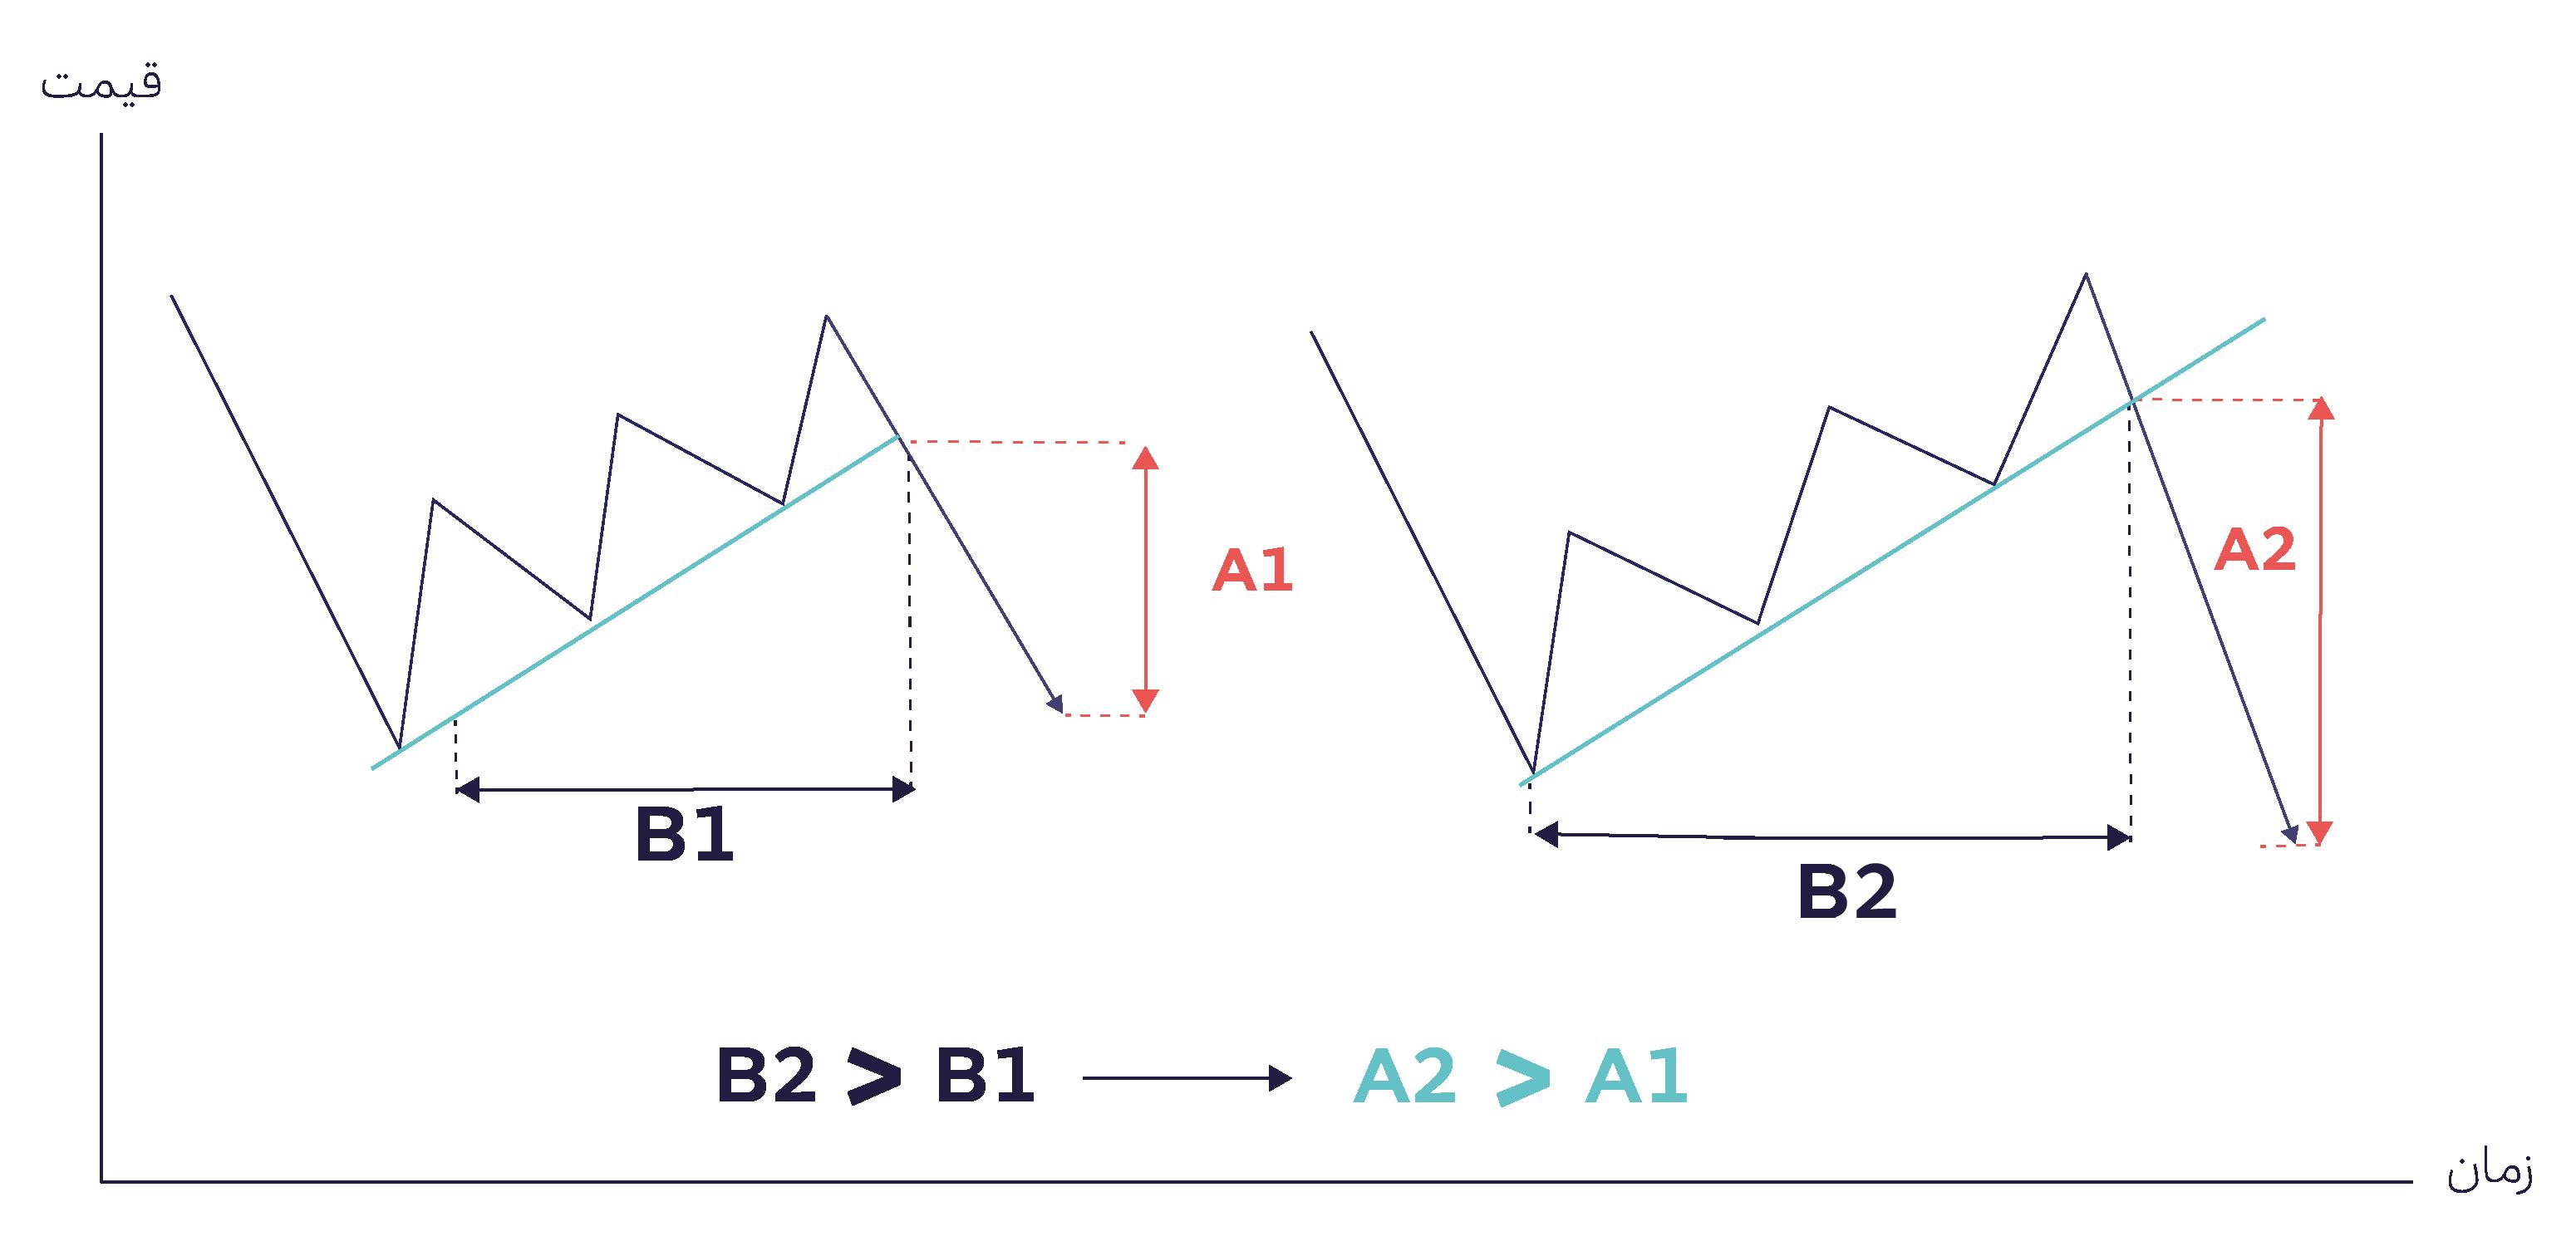 میانگین فاصله نقاط در خط روند صعودی